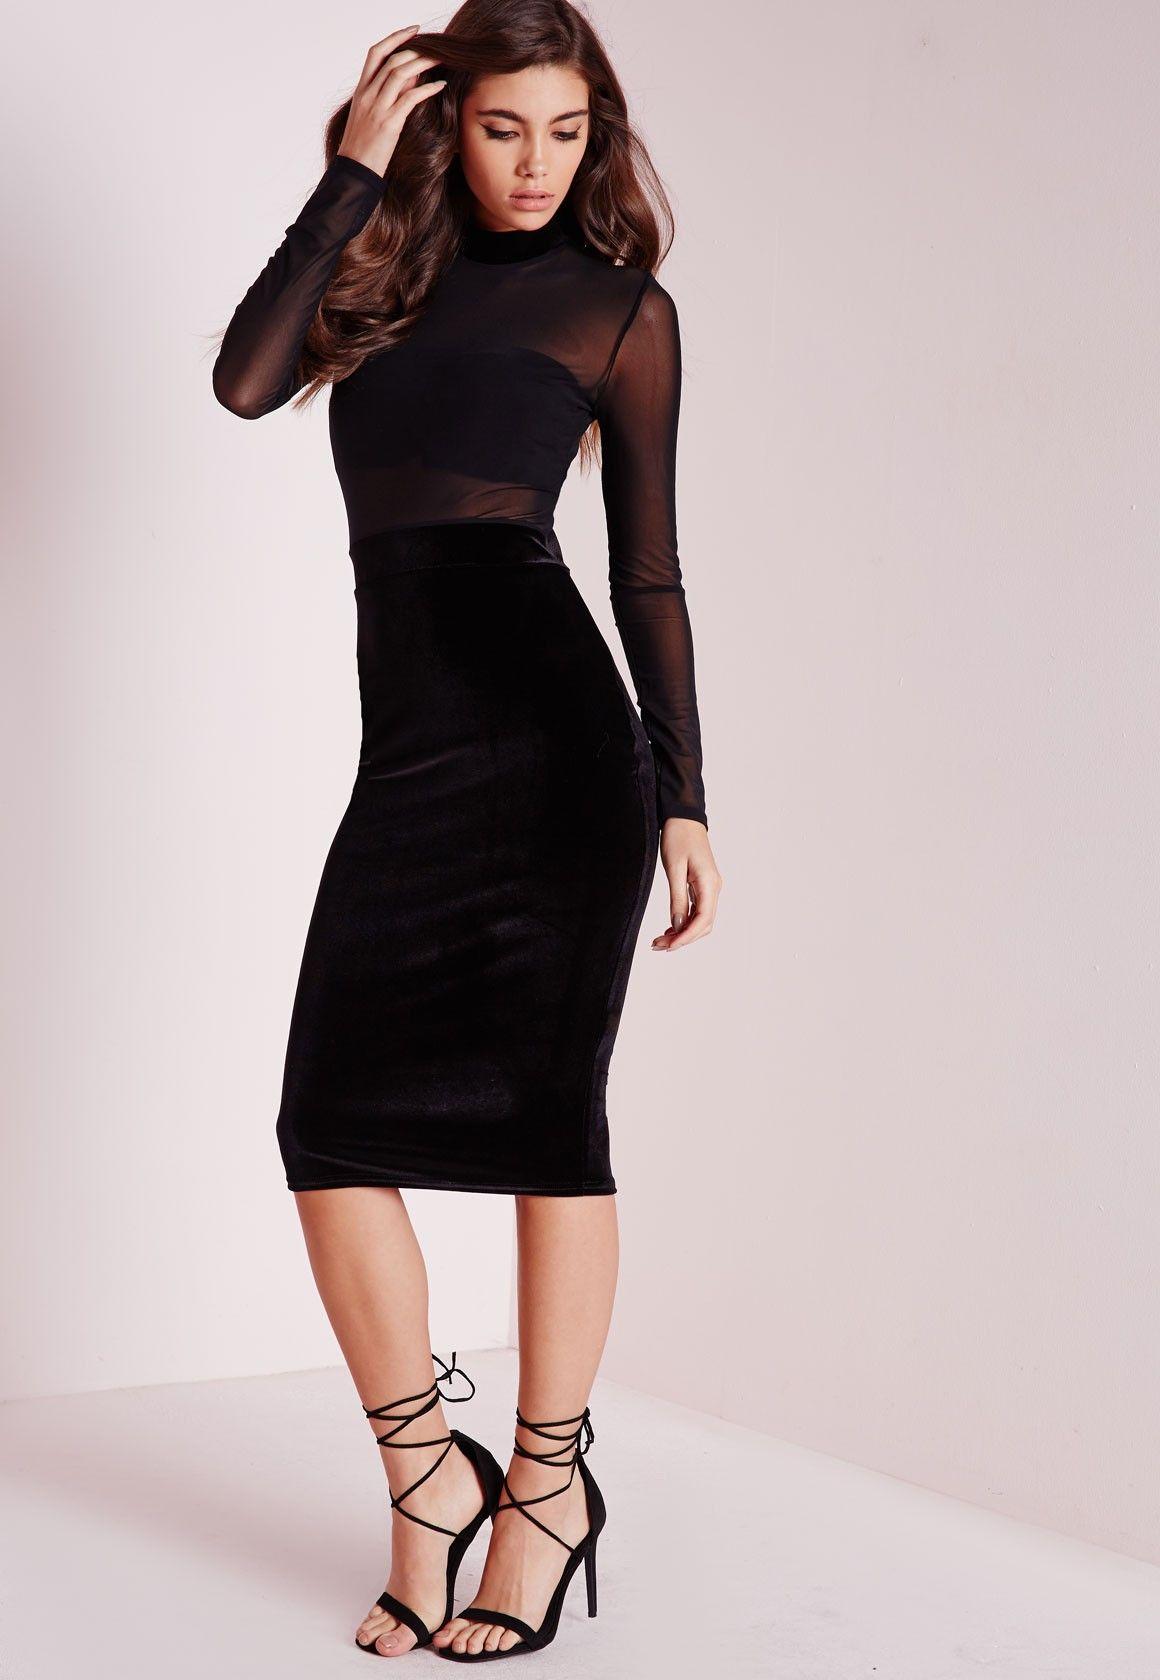 Missguided Long Sleeve Mesh Top Velvet Bottom Midi Dress Black Simple Long Sleeve Dress Black Midi Dress Long Sleeve Mesh Top [ 1680 x 1160 Pixel ]